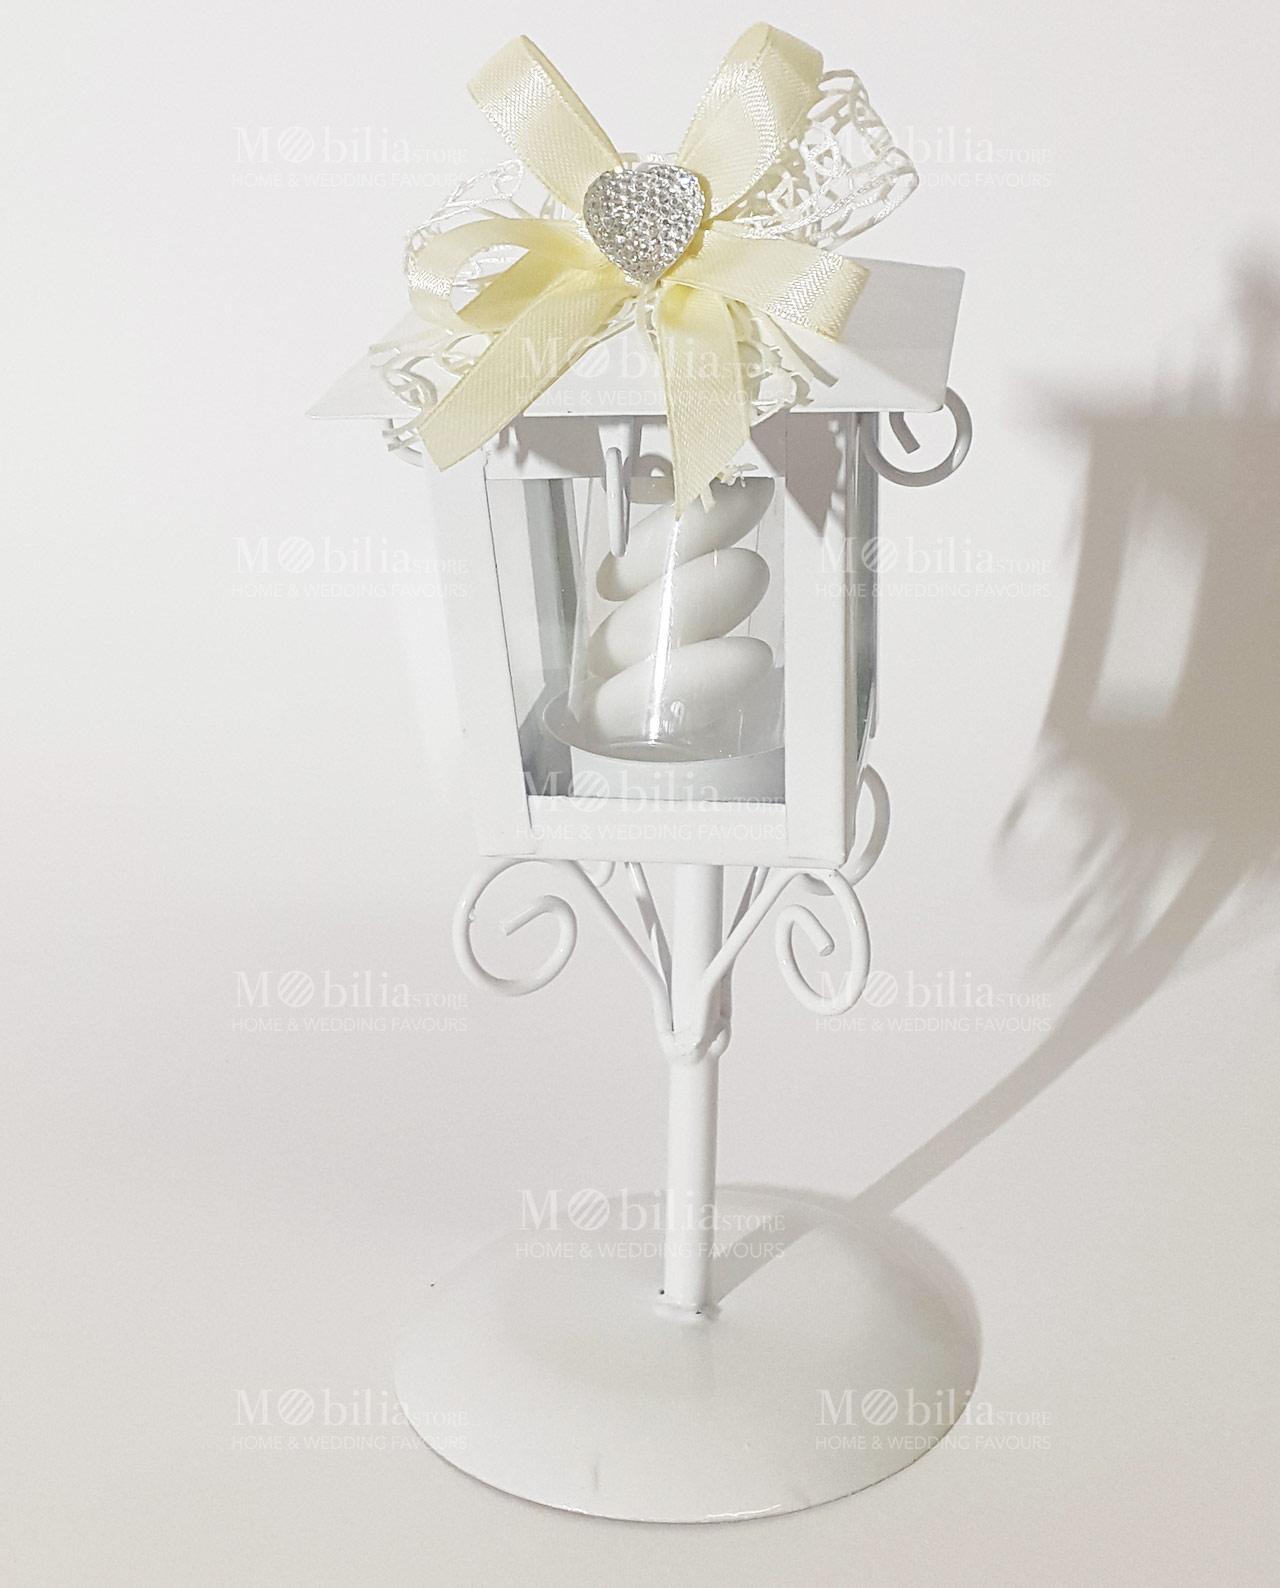 Bomboniere Matrimonio Telefono Azzurro : Bomboniere matrimonio lanterna lampione con cuore quot promozione